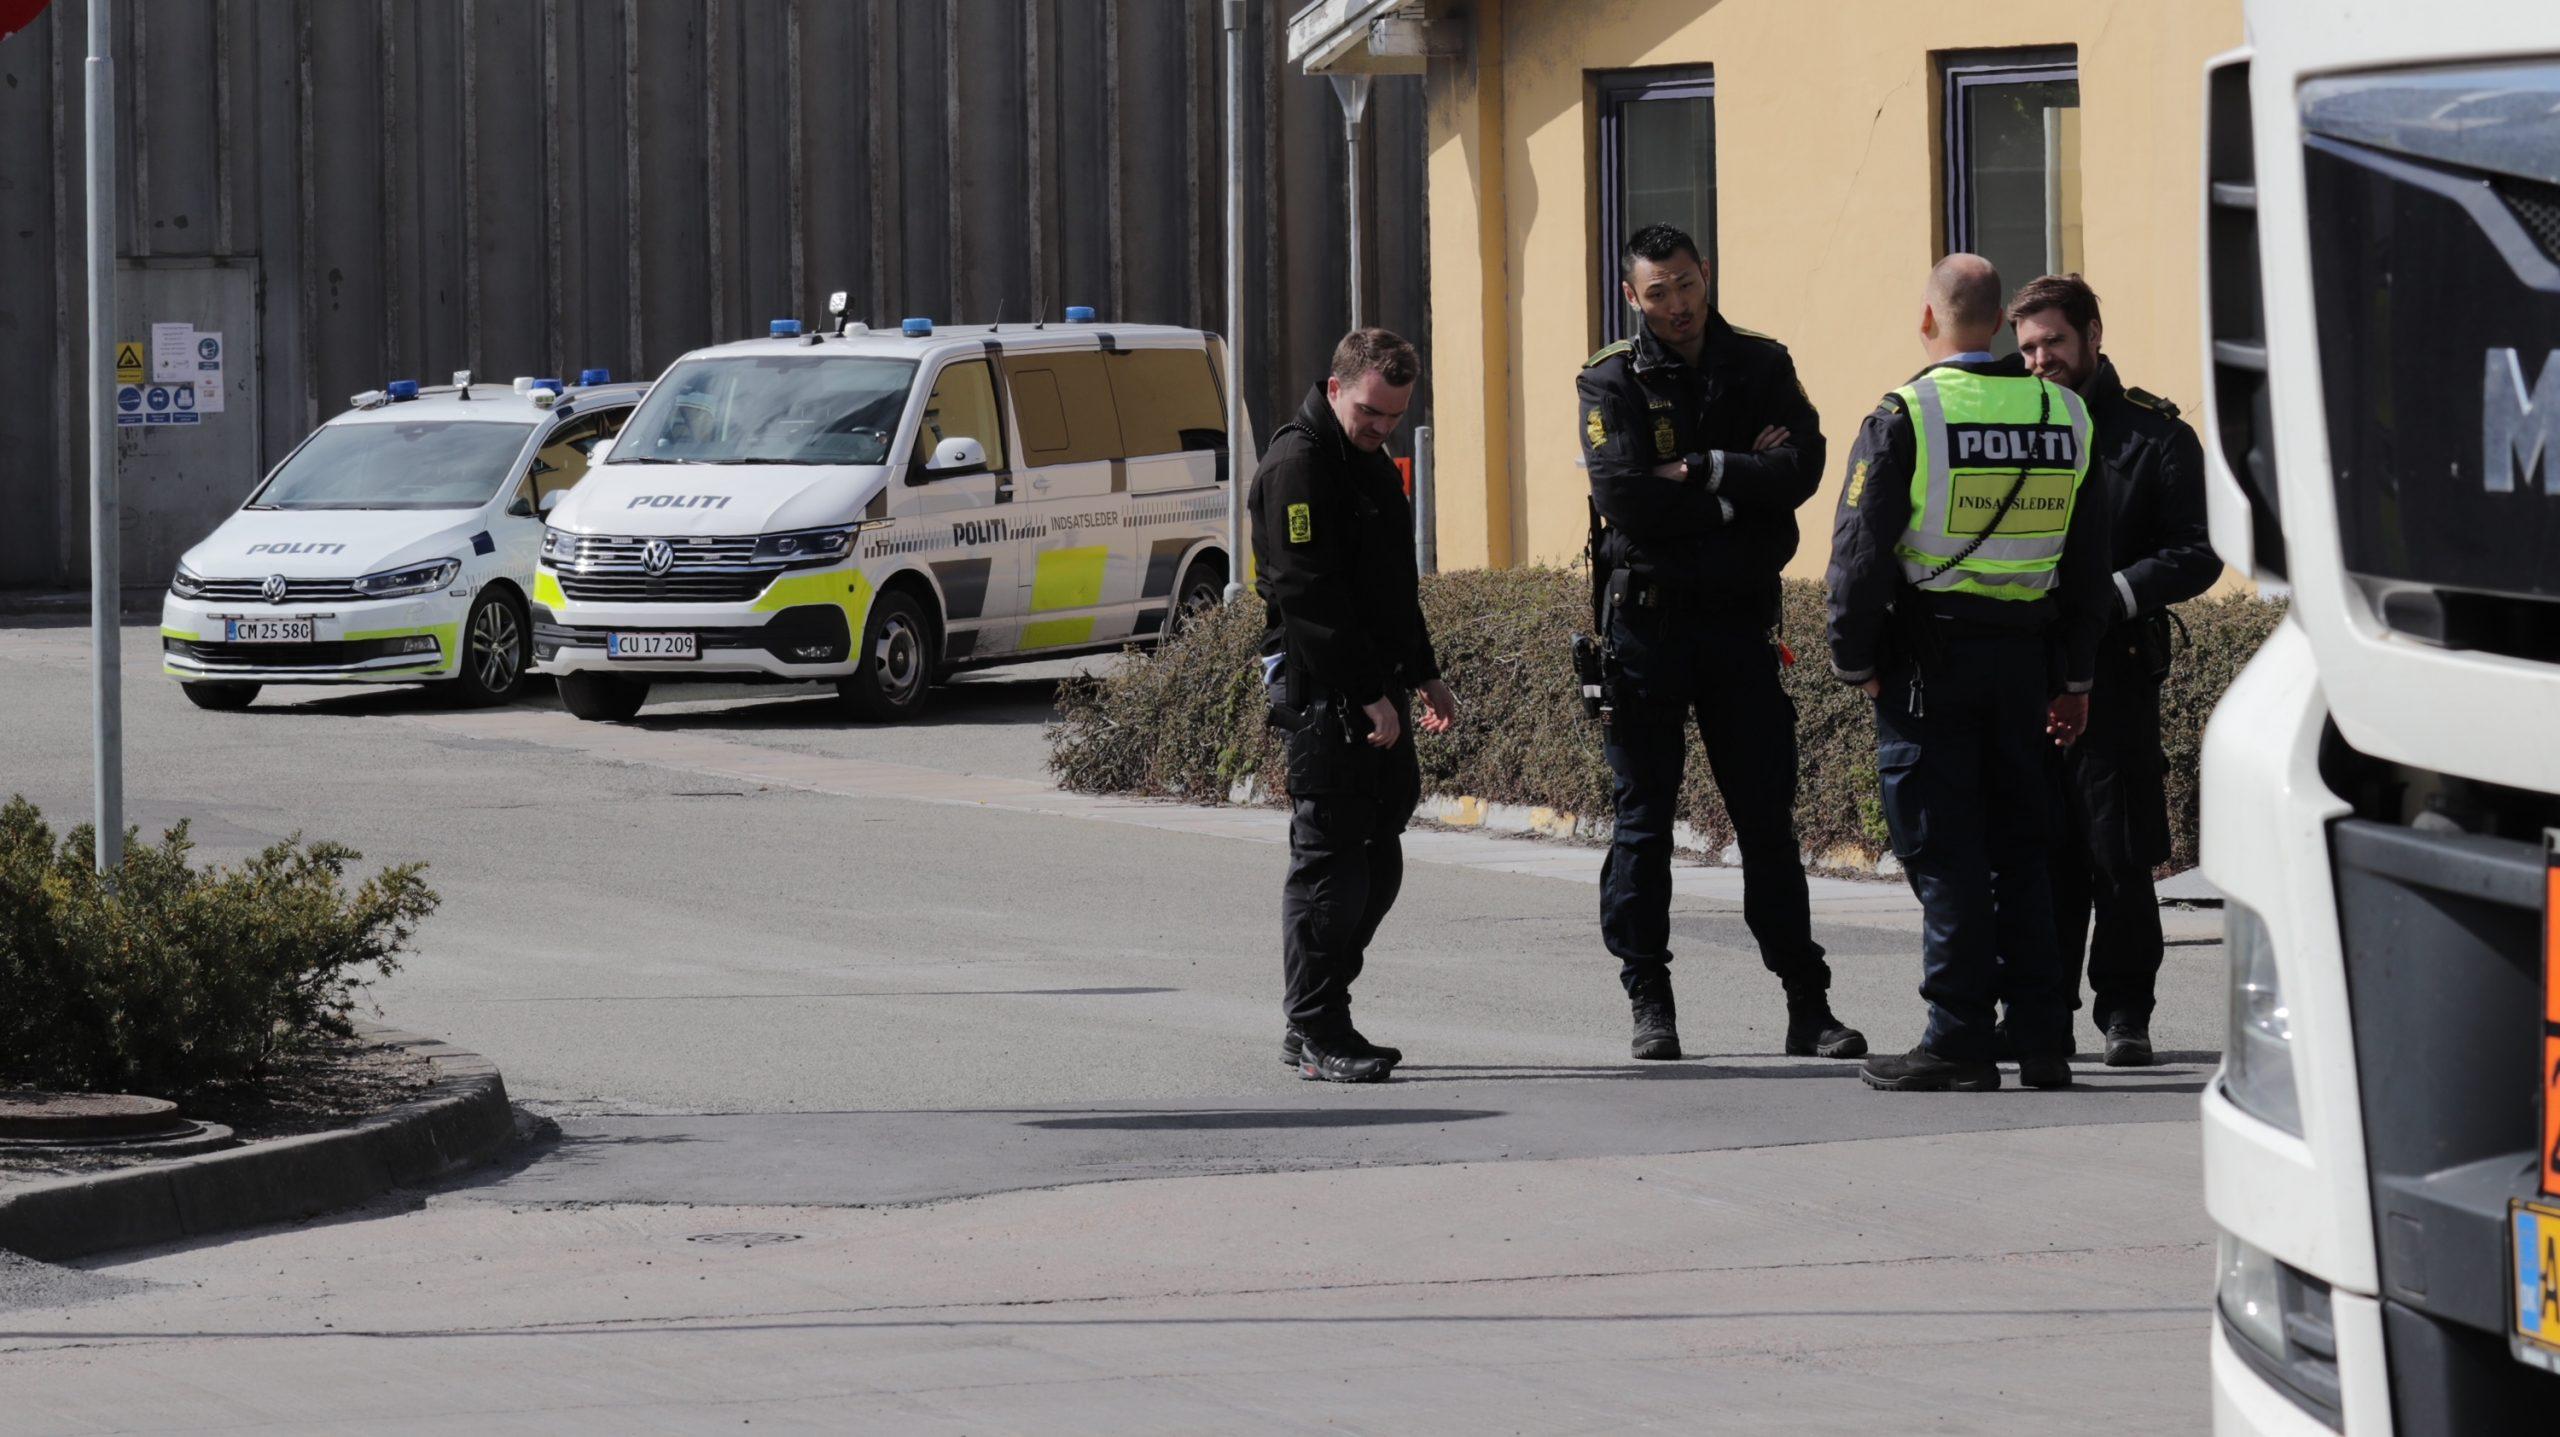 Flere har lænket sig fast til et hegn: Demonstranter blokerer indgangen til Aalborg Portland